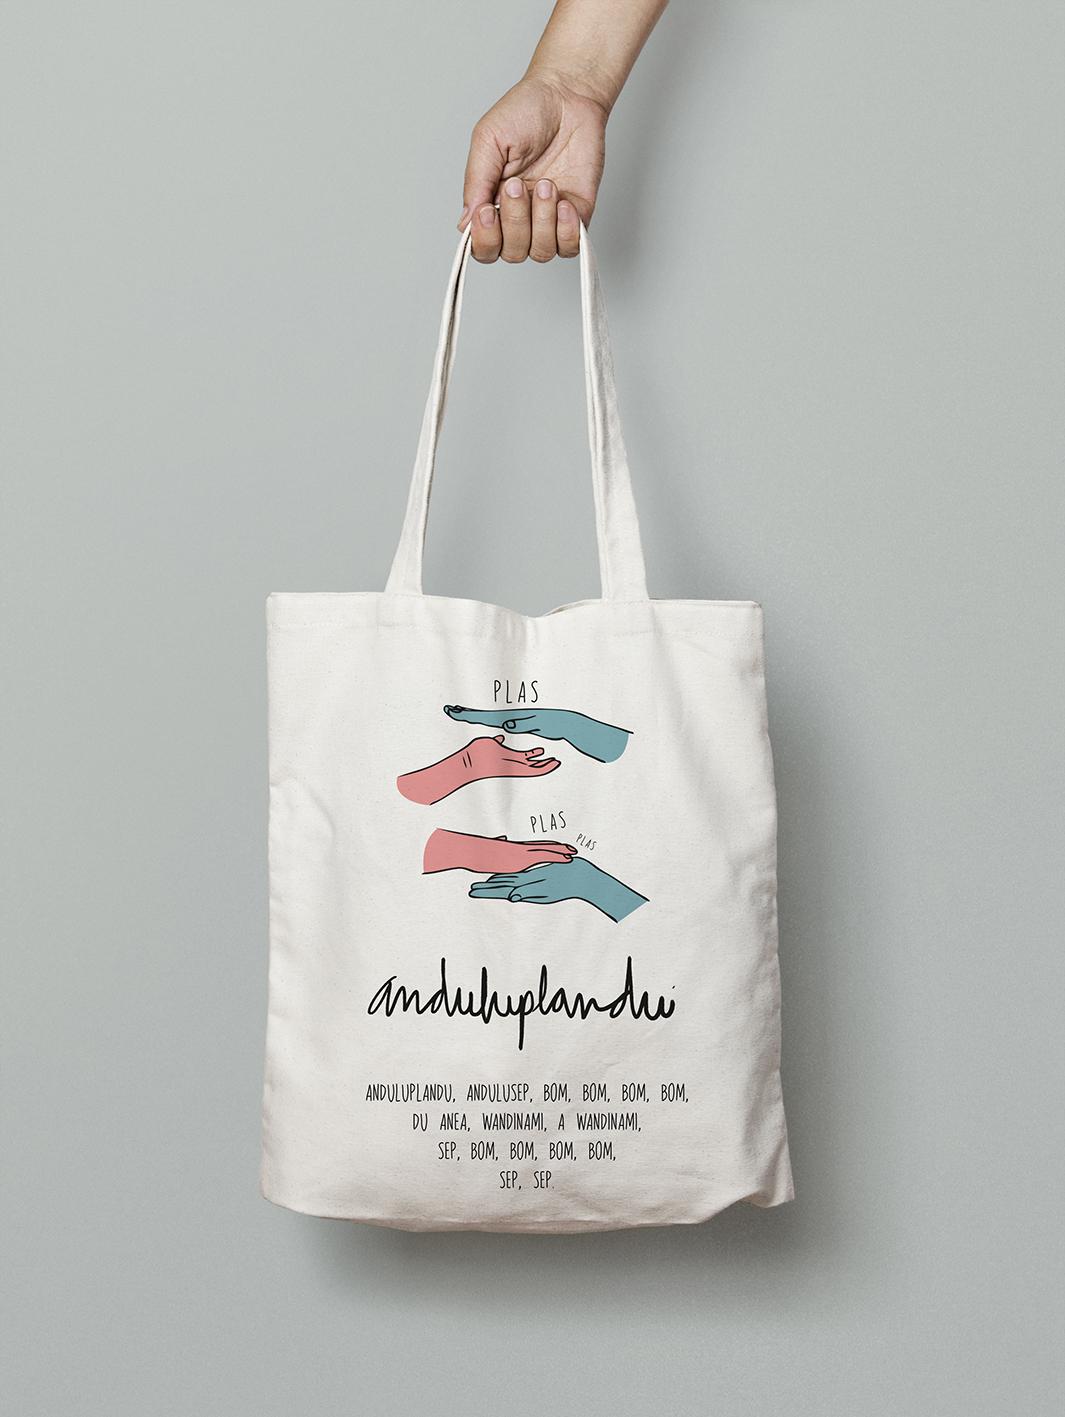 andulu tote bag